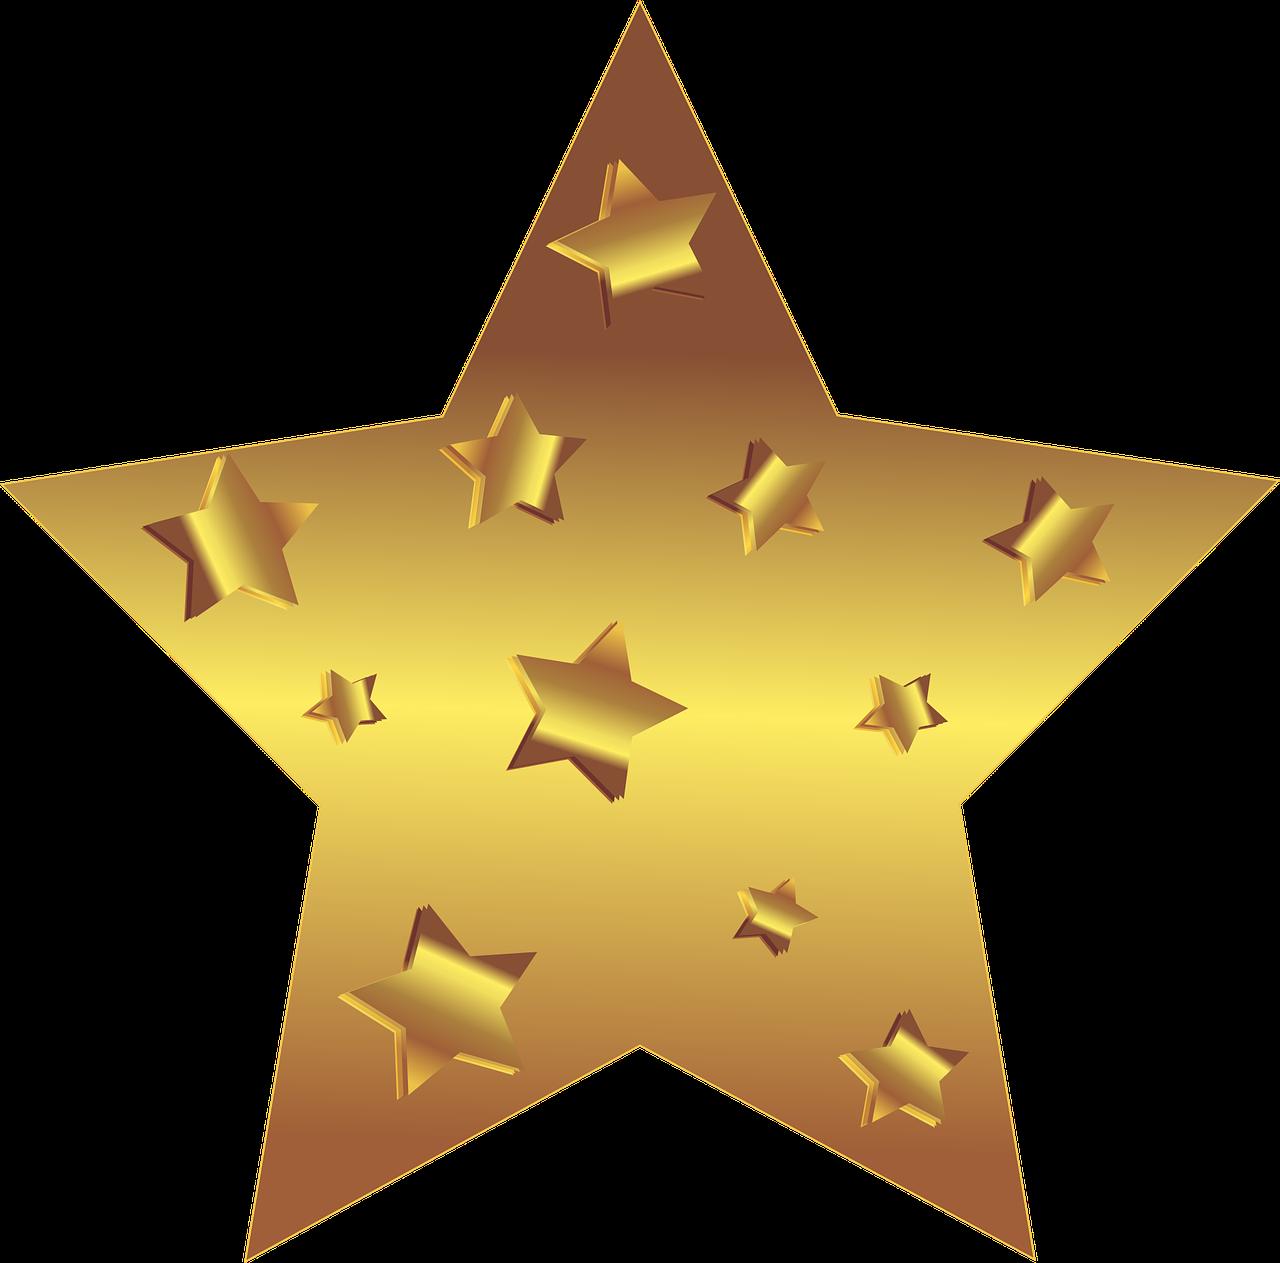 Открытка звездочка, смешные именем